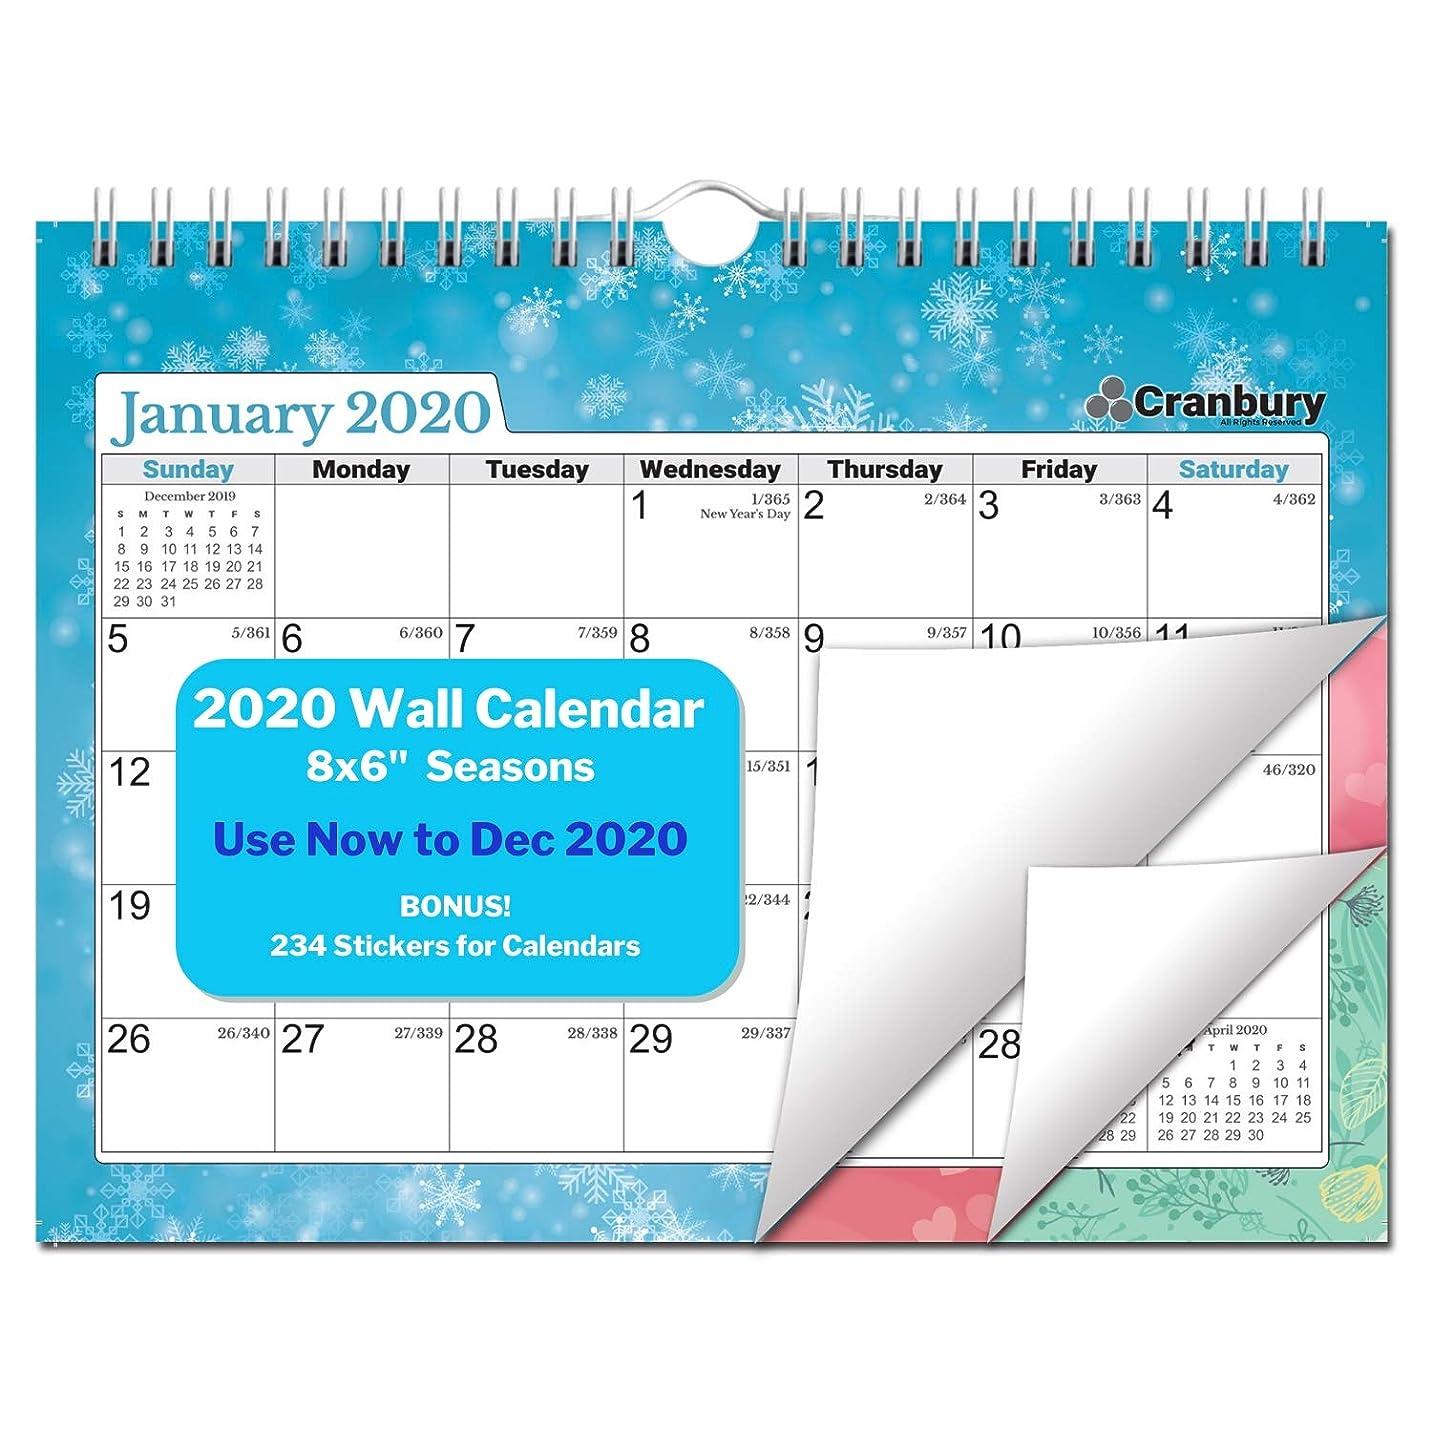 ポインタ性格ナチュラル2020 ウォールカレンダー 8x6 月間ウォールカレンダー 16ヶ月 2019年9月から2020年12月。 2020 Calendar (Use to Dec 2020)